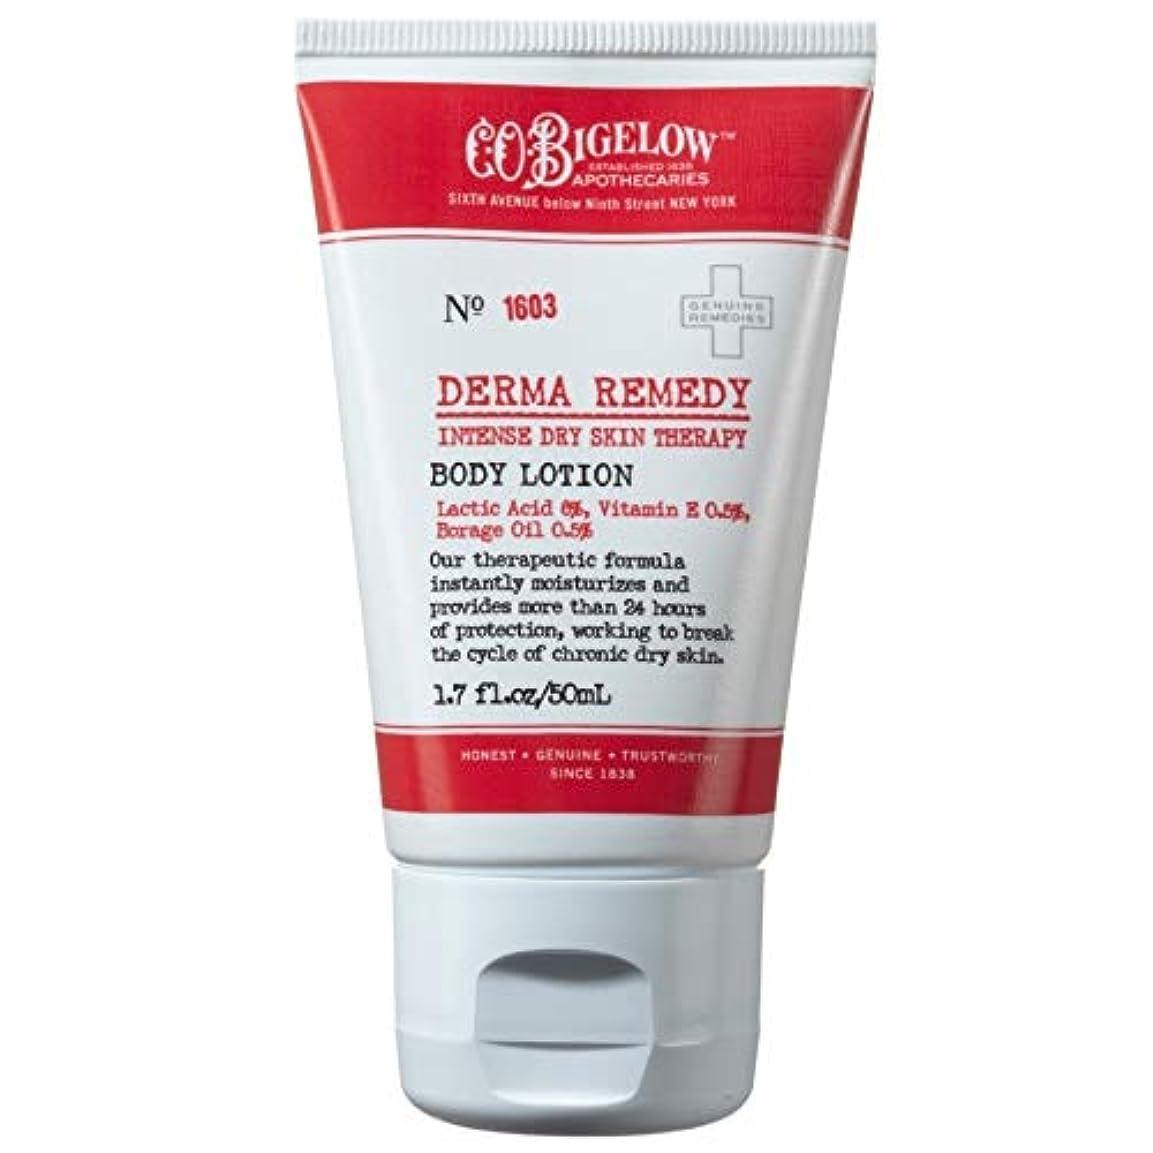 アーク常習者プランテーション[C.O. Bigelow] C.O.ビゲローダーマ救済激しい乾燥肌の治療ボディローション - C.O. Bigelow Derma Remedy Intense Dry Skin Therapy Body Lotion [並行輸入品]